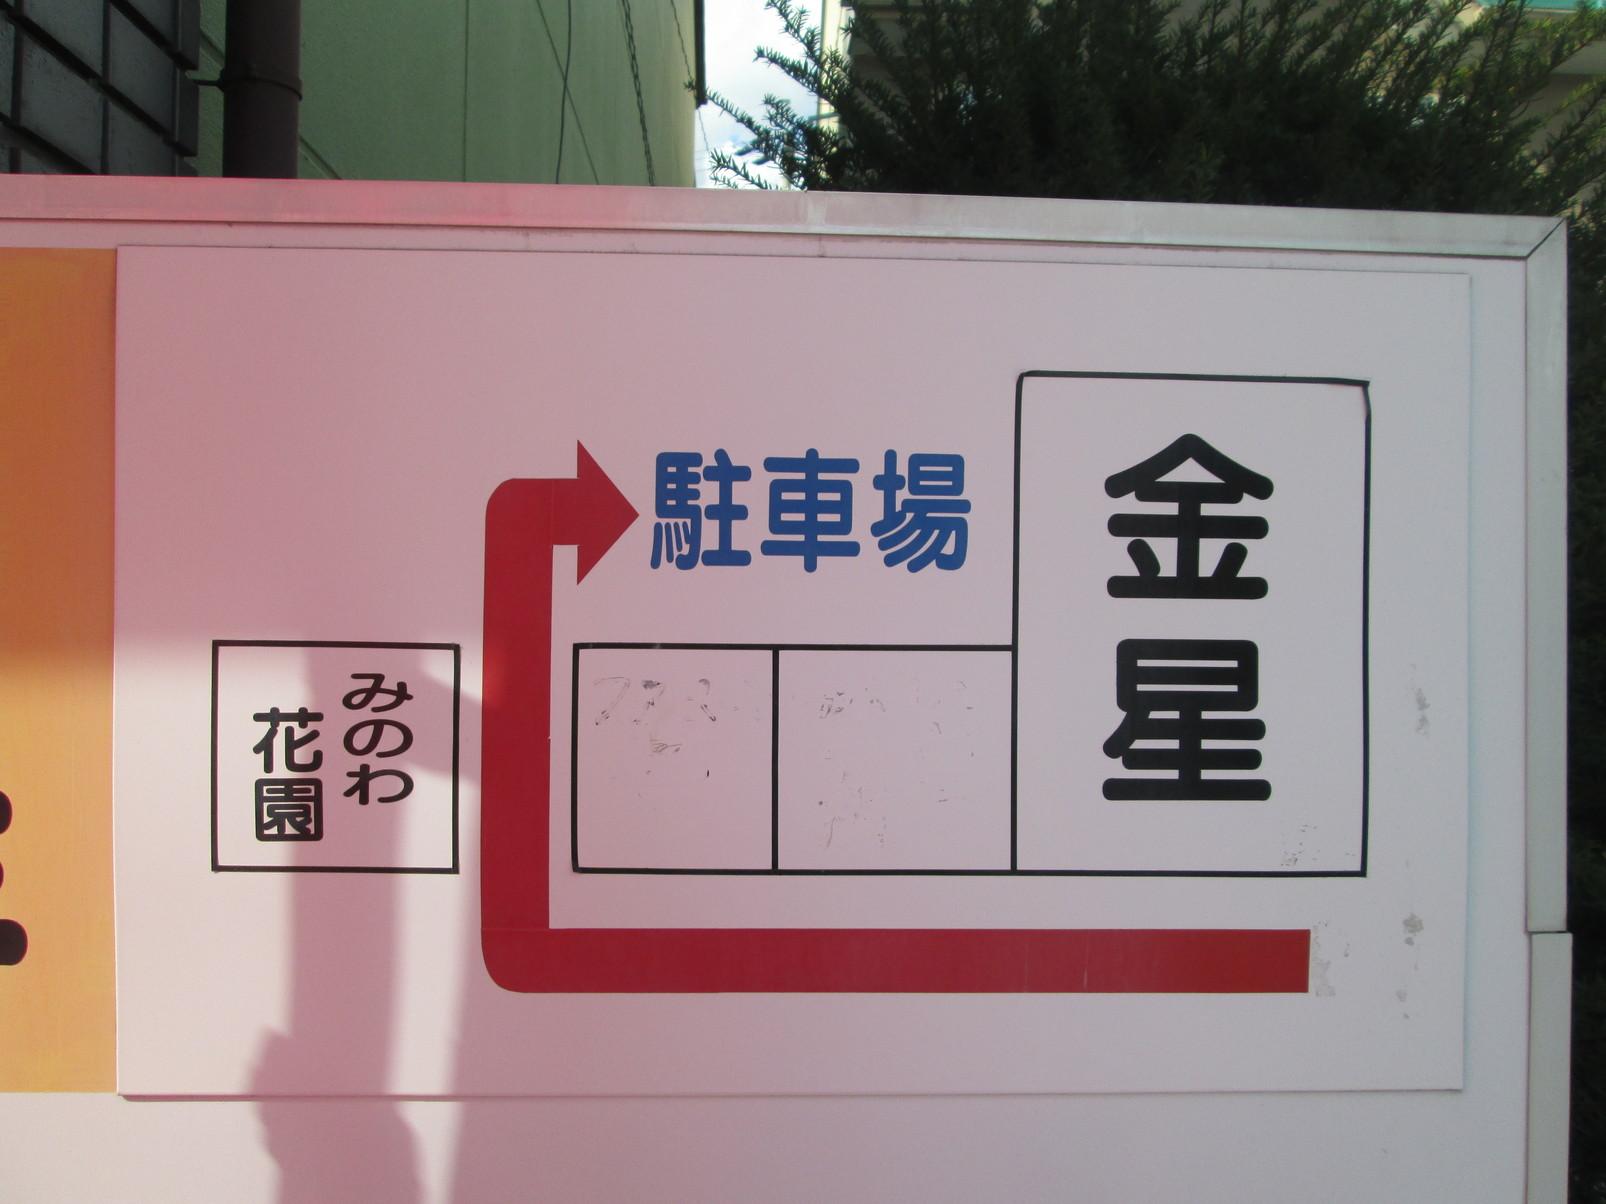 金星製菓舗 name=